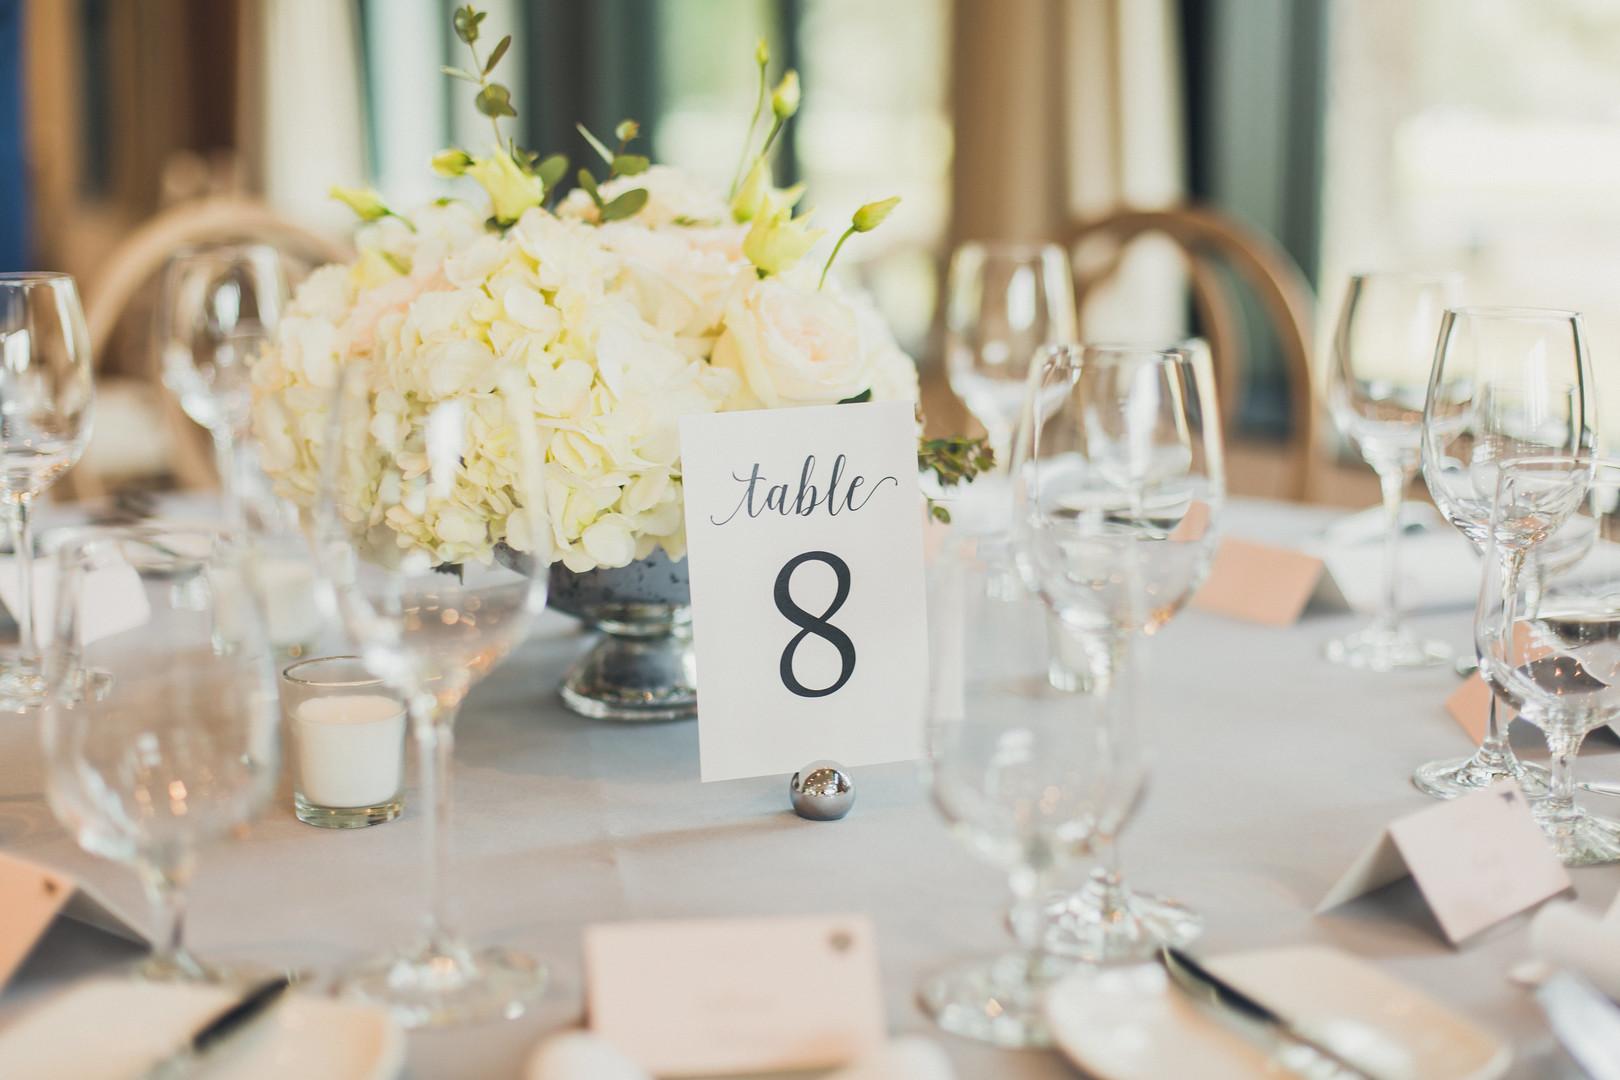 middleton-place-wedding-9.jpg